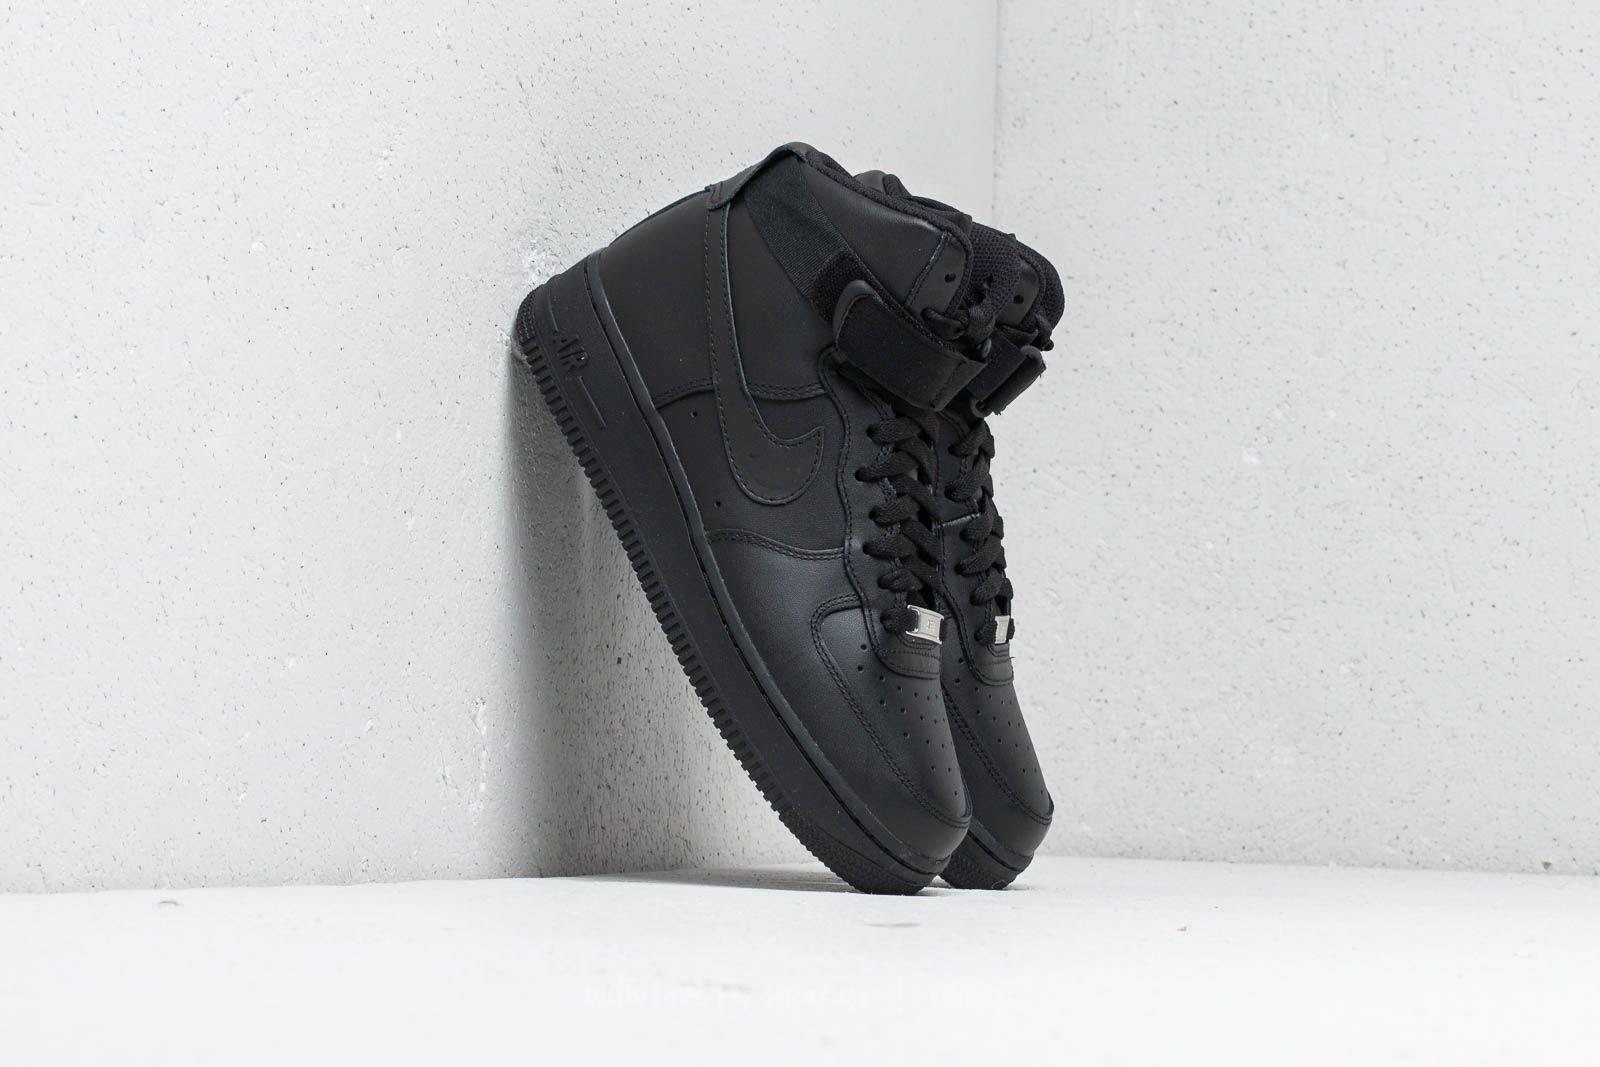 Nike Wmns Air Force 1 High Black/ Black-Black za skvělou cenu 3 190 Kč koupíte na Footshop.cz